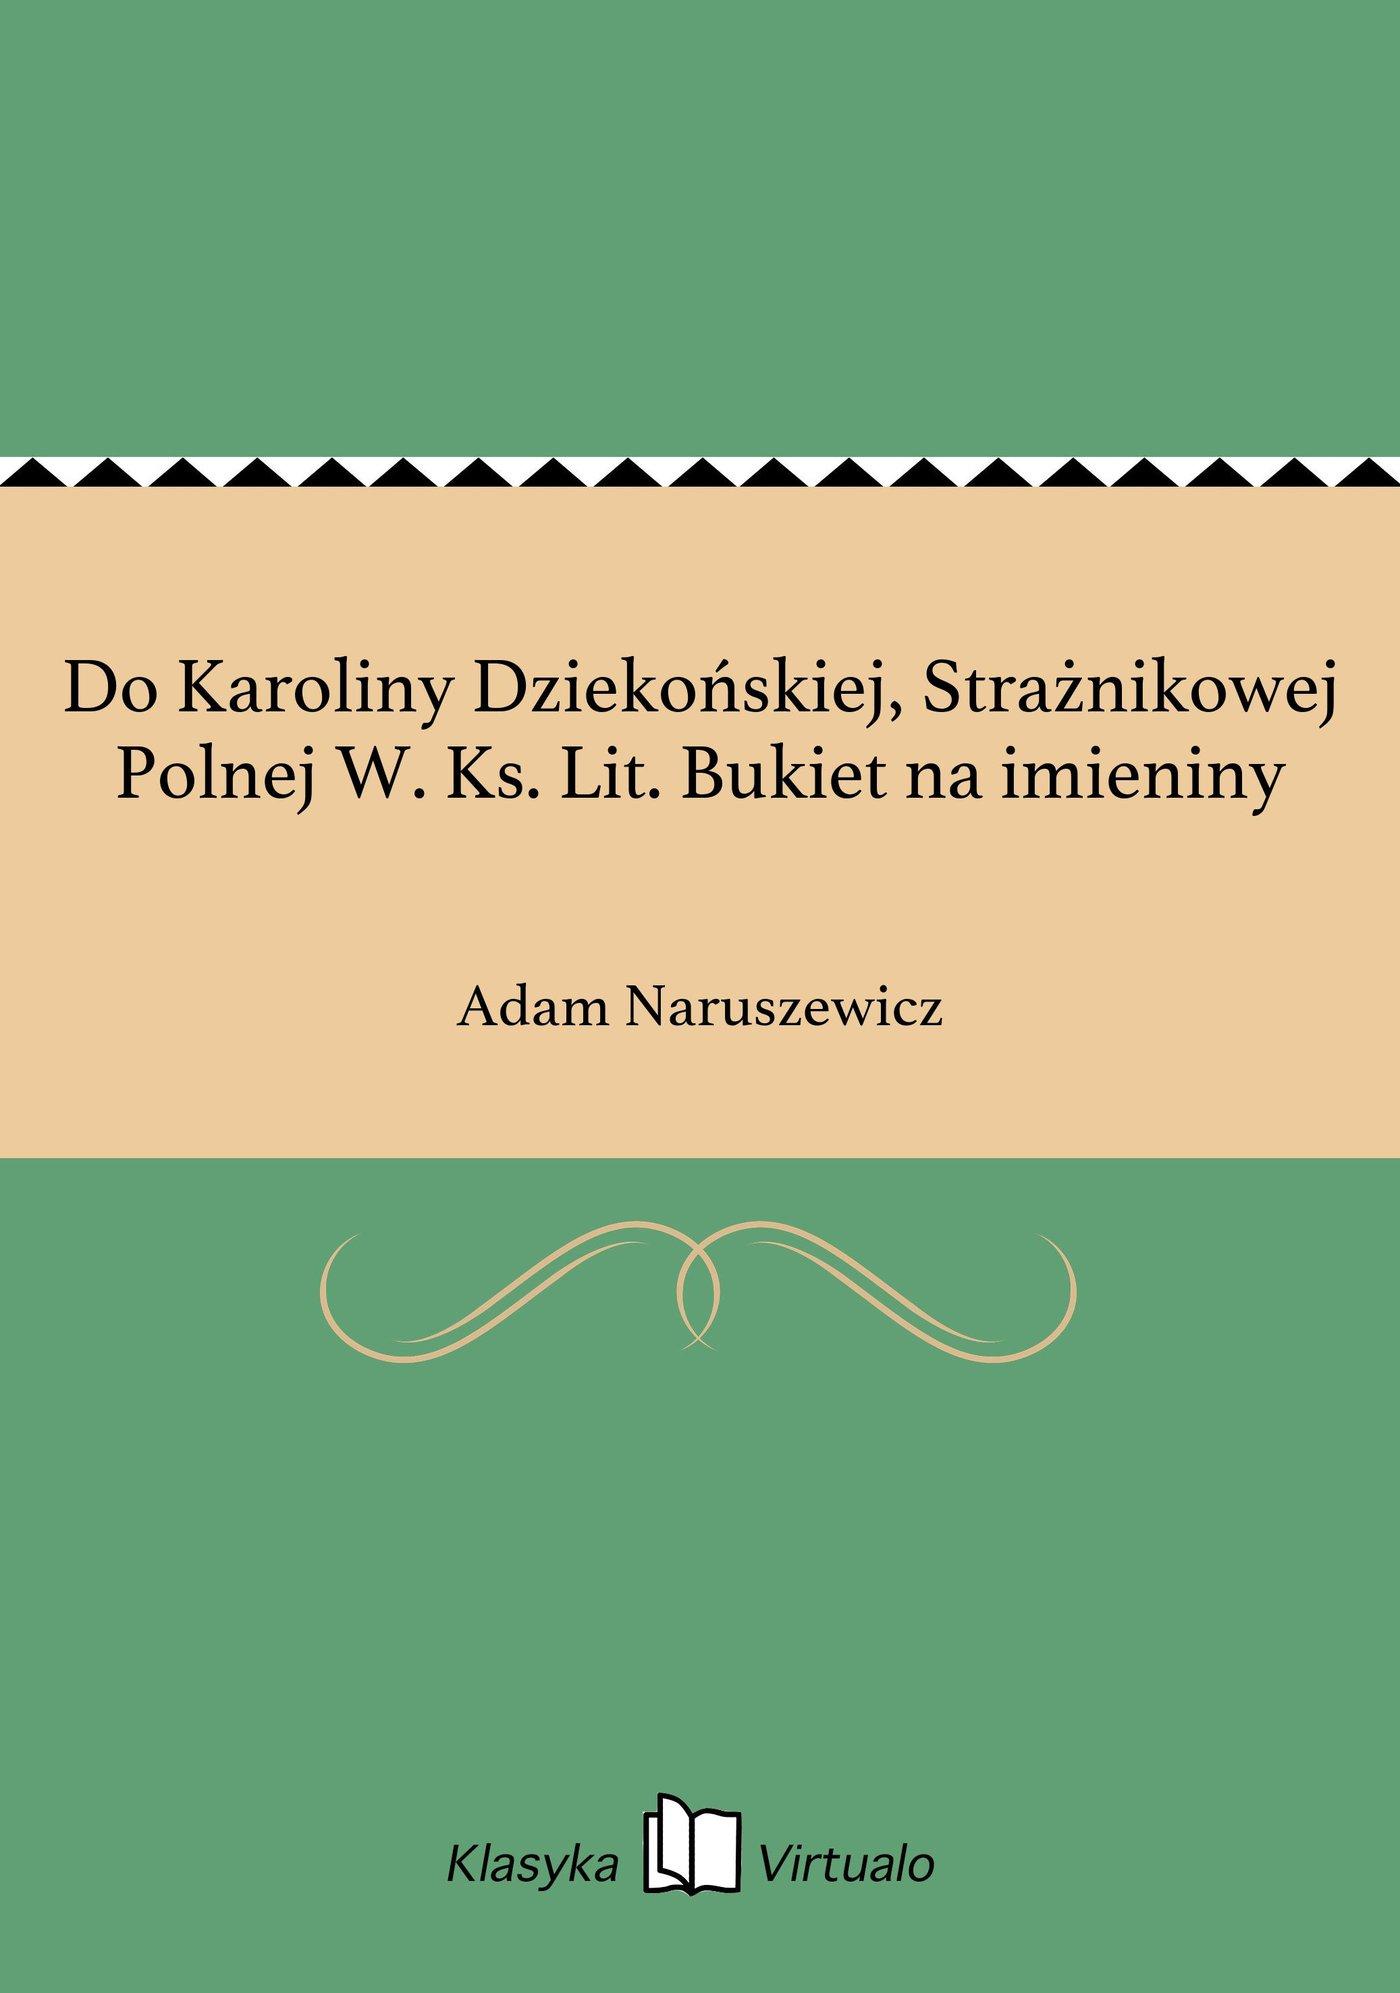 Do Karoliny Dziekońskiej, Strażnikowej Polnej W. Ks. Lit. Bukiet na imieniny - Ebook (Książka EPUB) do pobrania w formacie EPUB